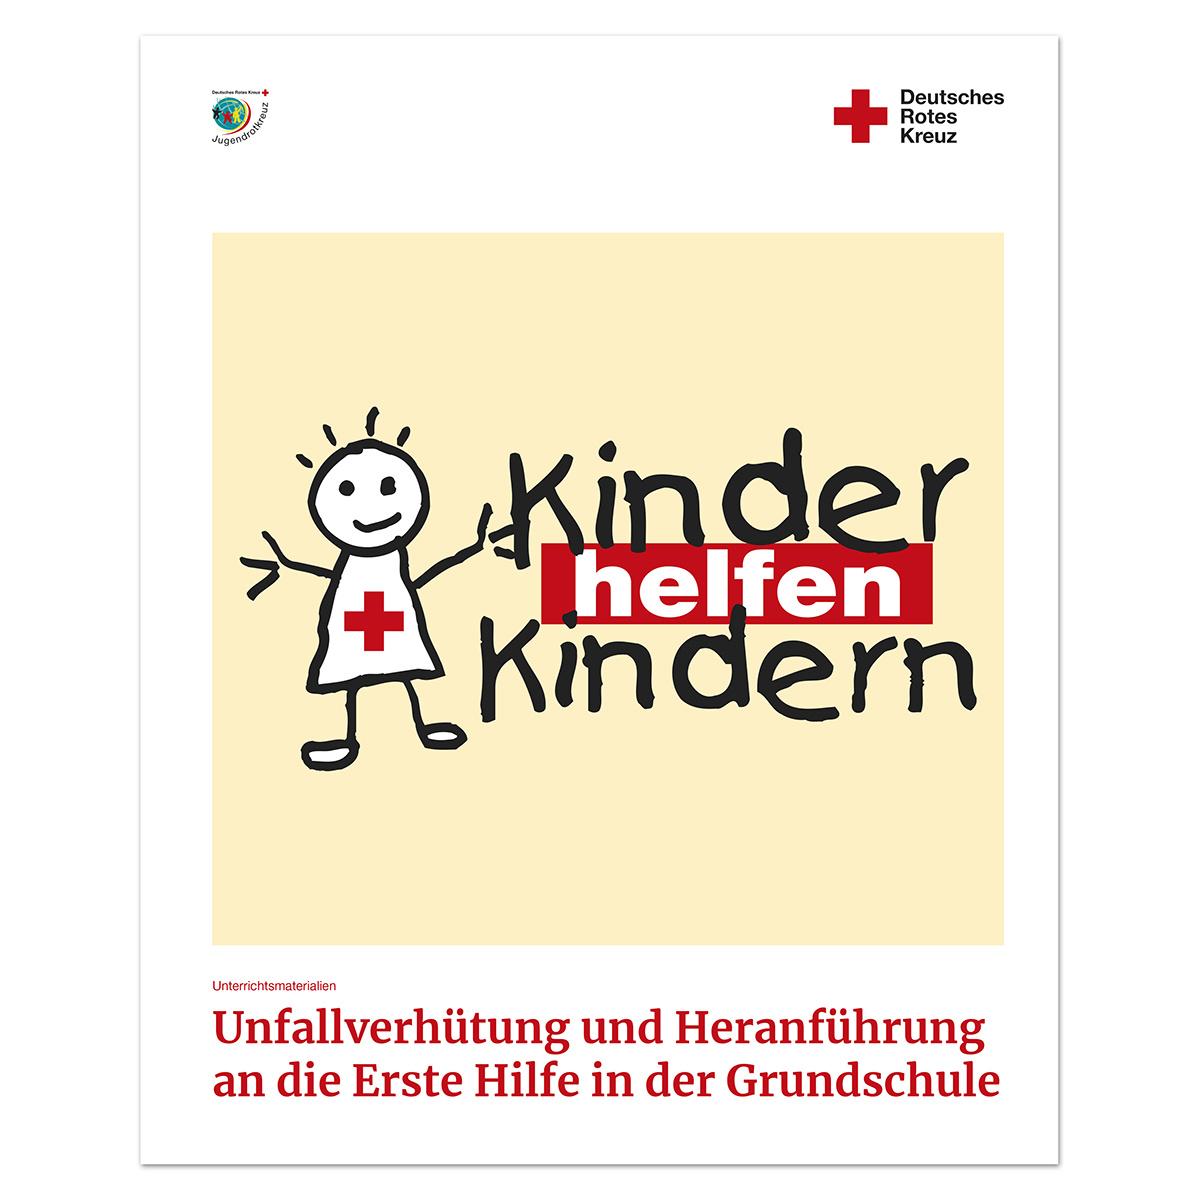 Unterrichtsmaterialien Heranfuhrung An Die Erste Hilfe In Der Grundschule Rotkreuzshop De